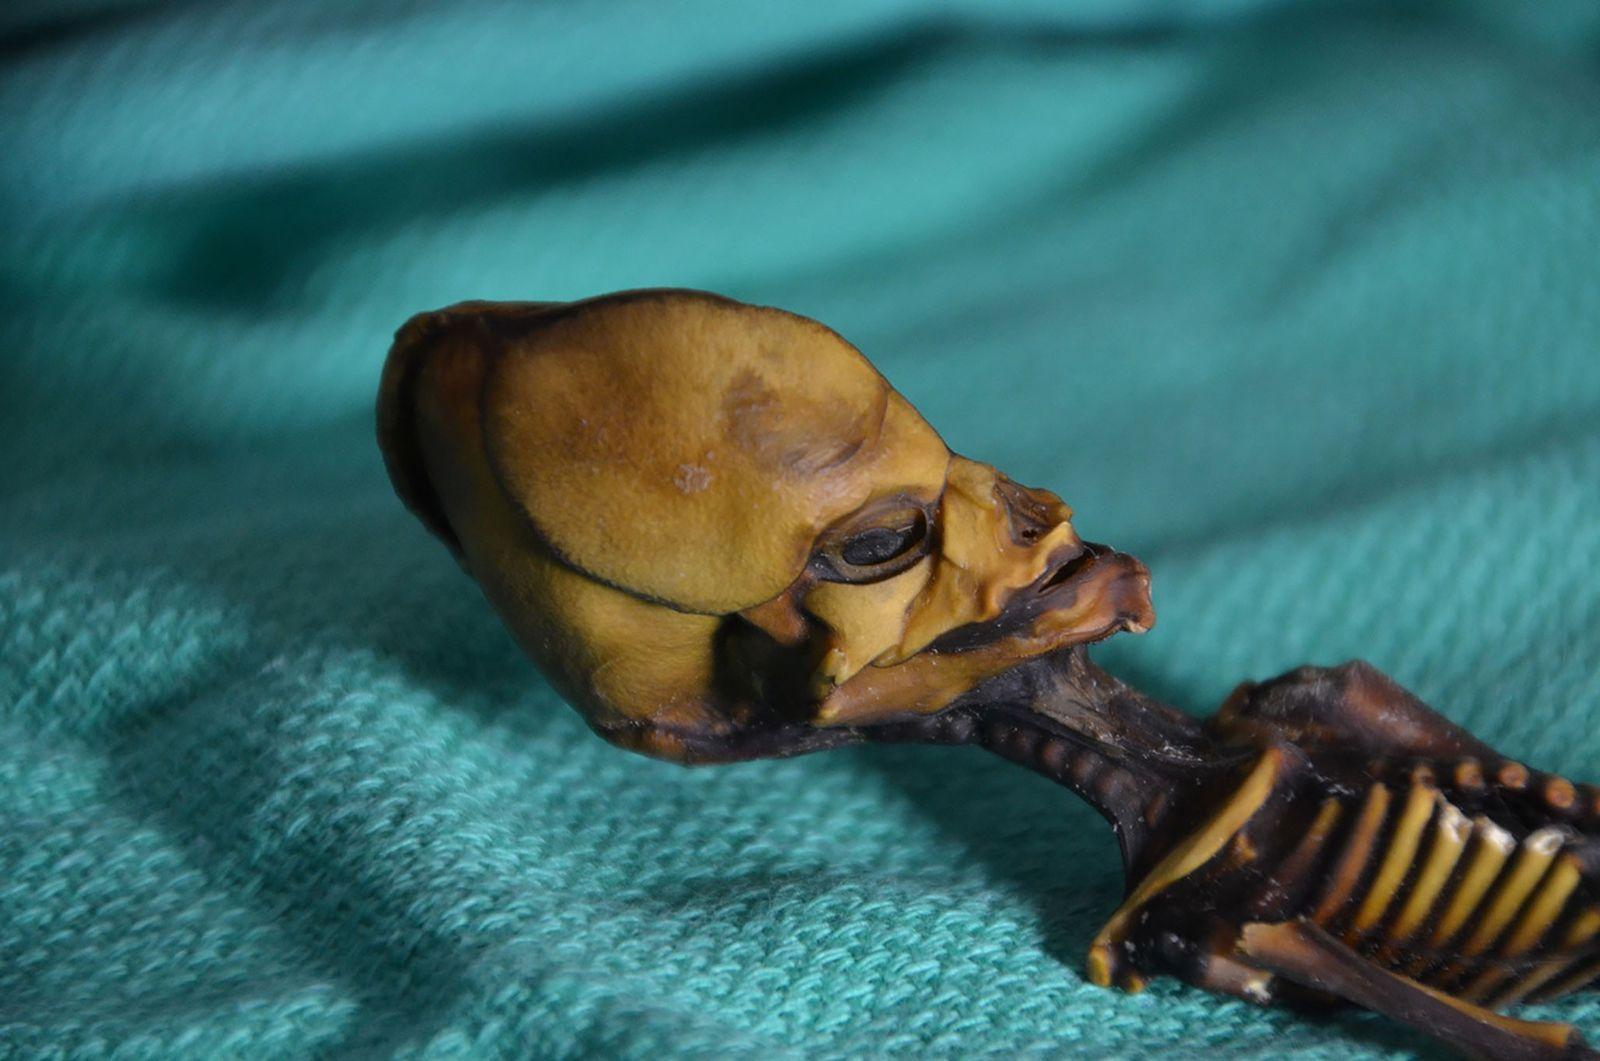 Tiny Mummy's 'Alien' Appearance Finally Explained